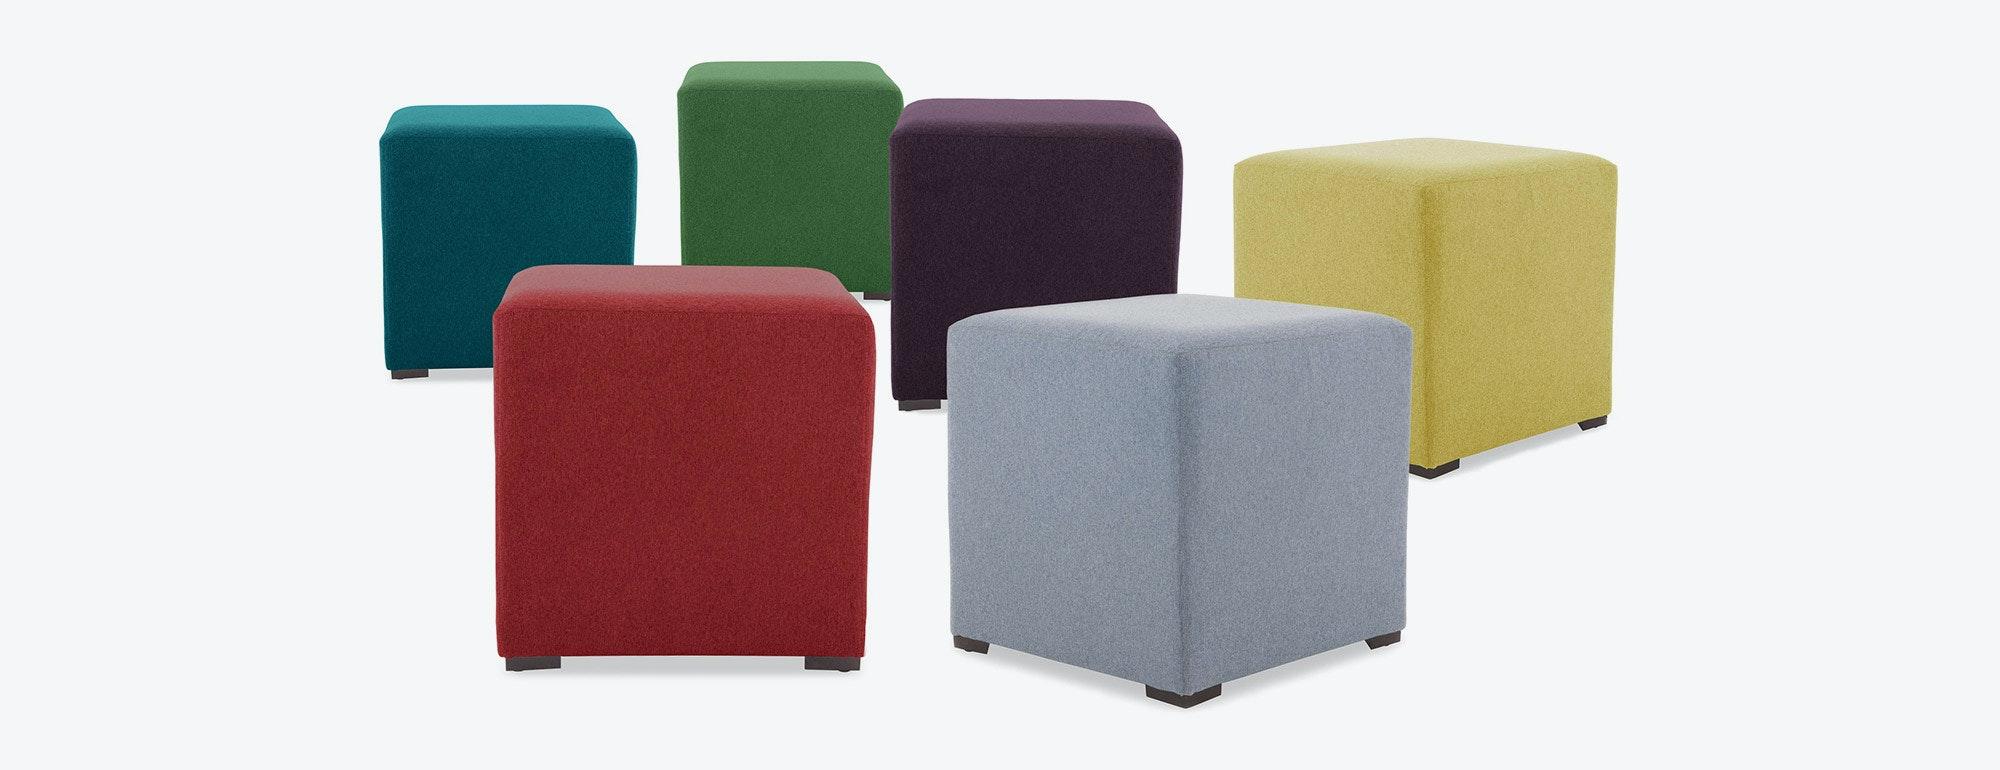 cort cube ottoman  joybird - product image